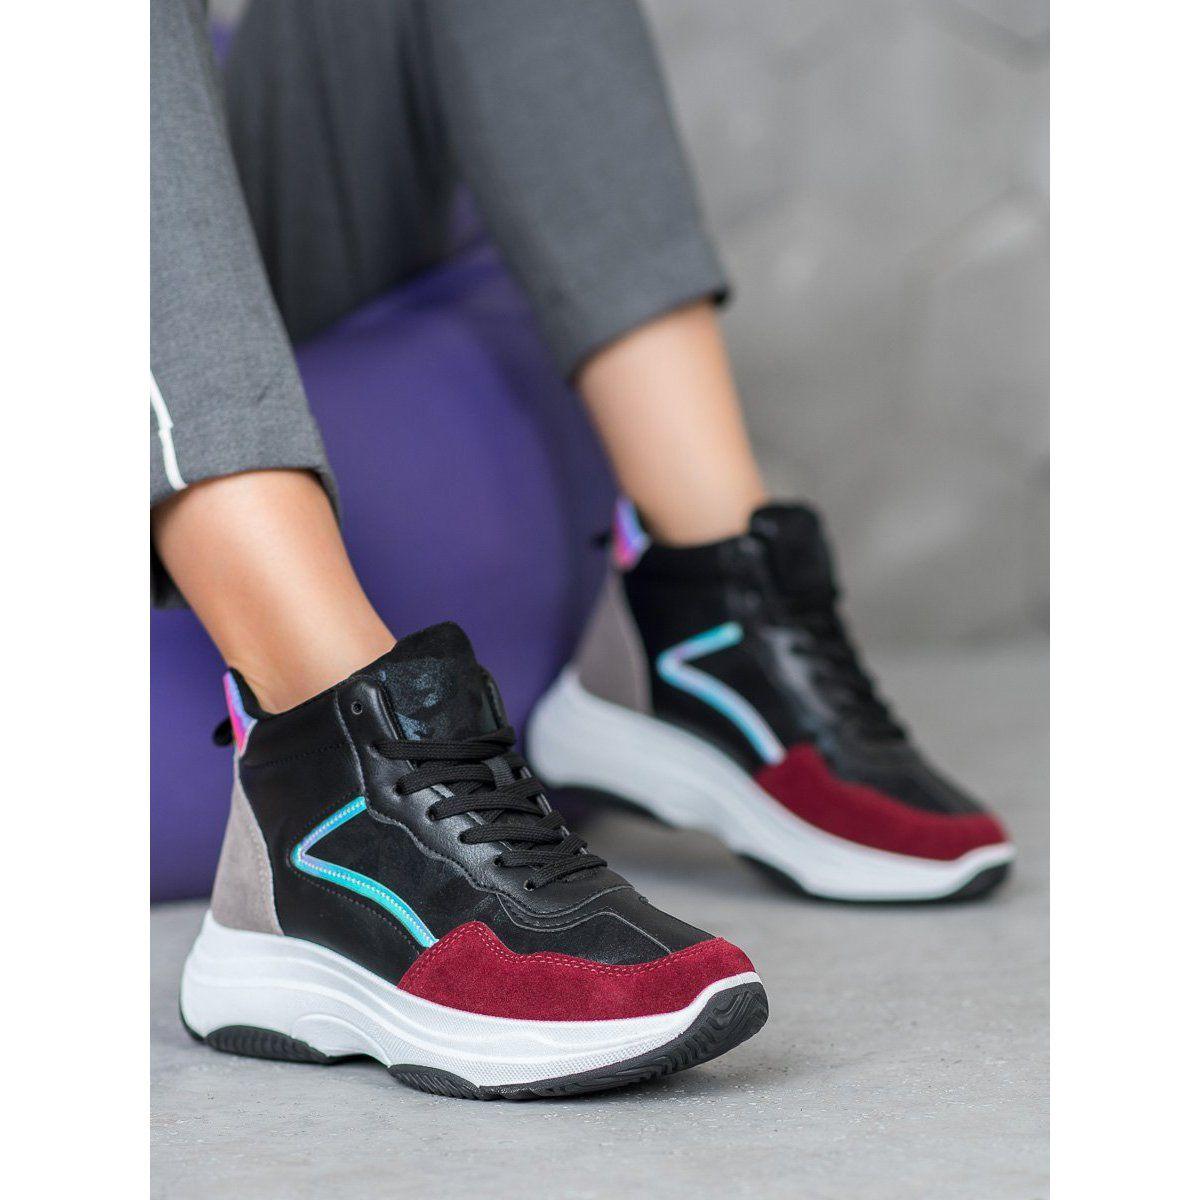 Ideal Shoes Wysokie Buty Na Platformie Czarne Wielokolorowe Air Jordan Sneaker Top Sneakers High Top Sneakers